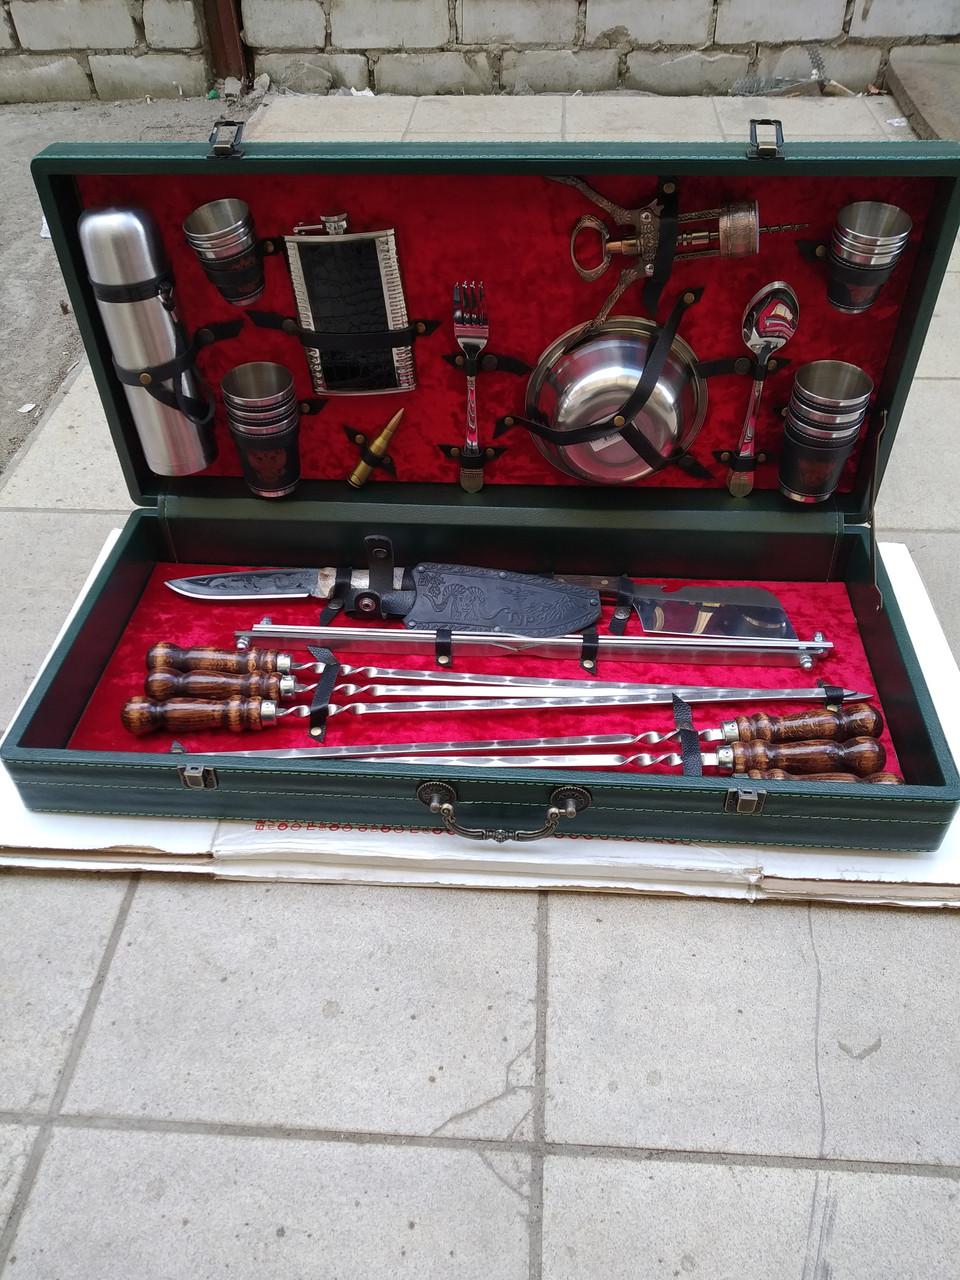 Набор шампуров и принадлежностей для пикника в чемодане.